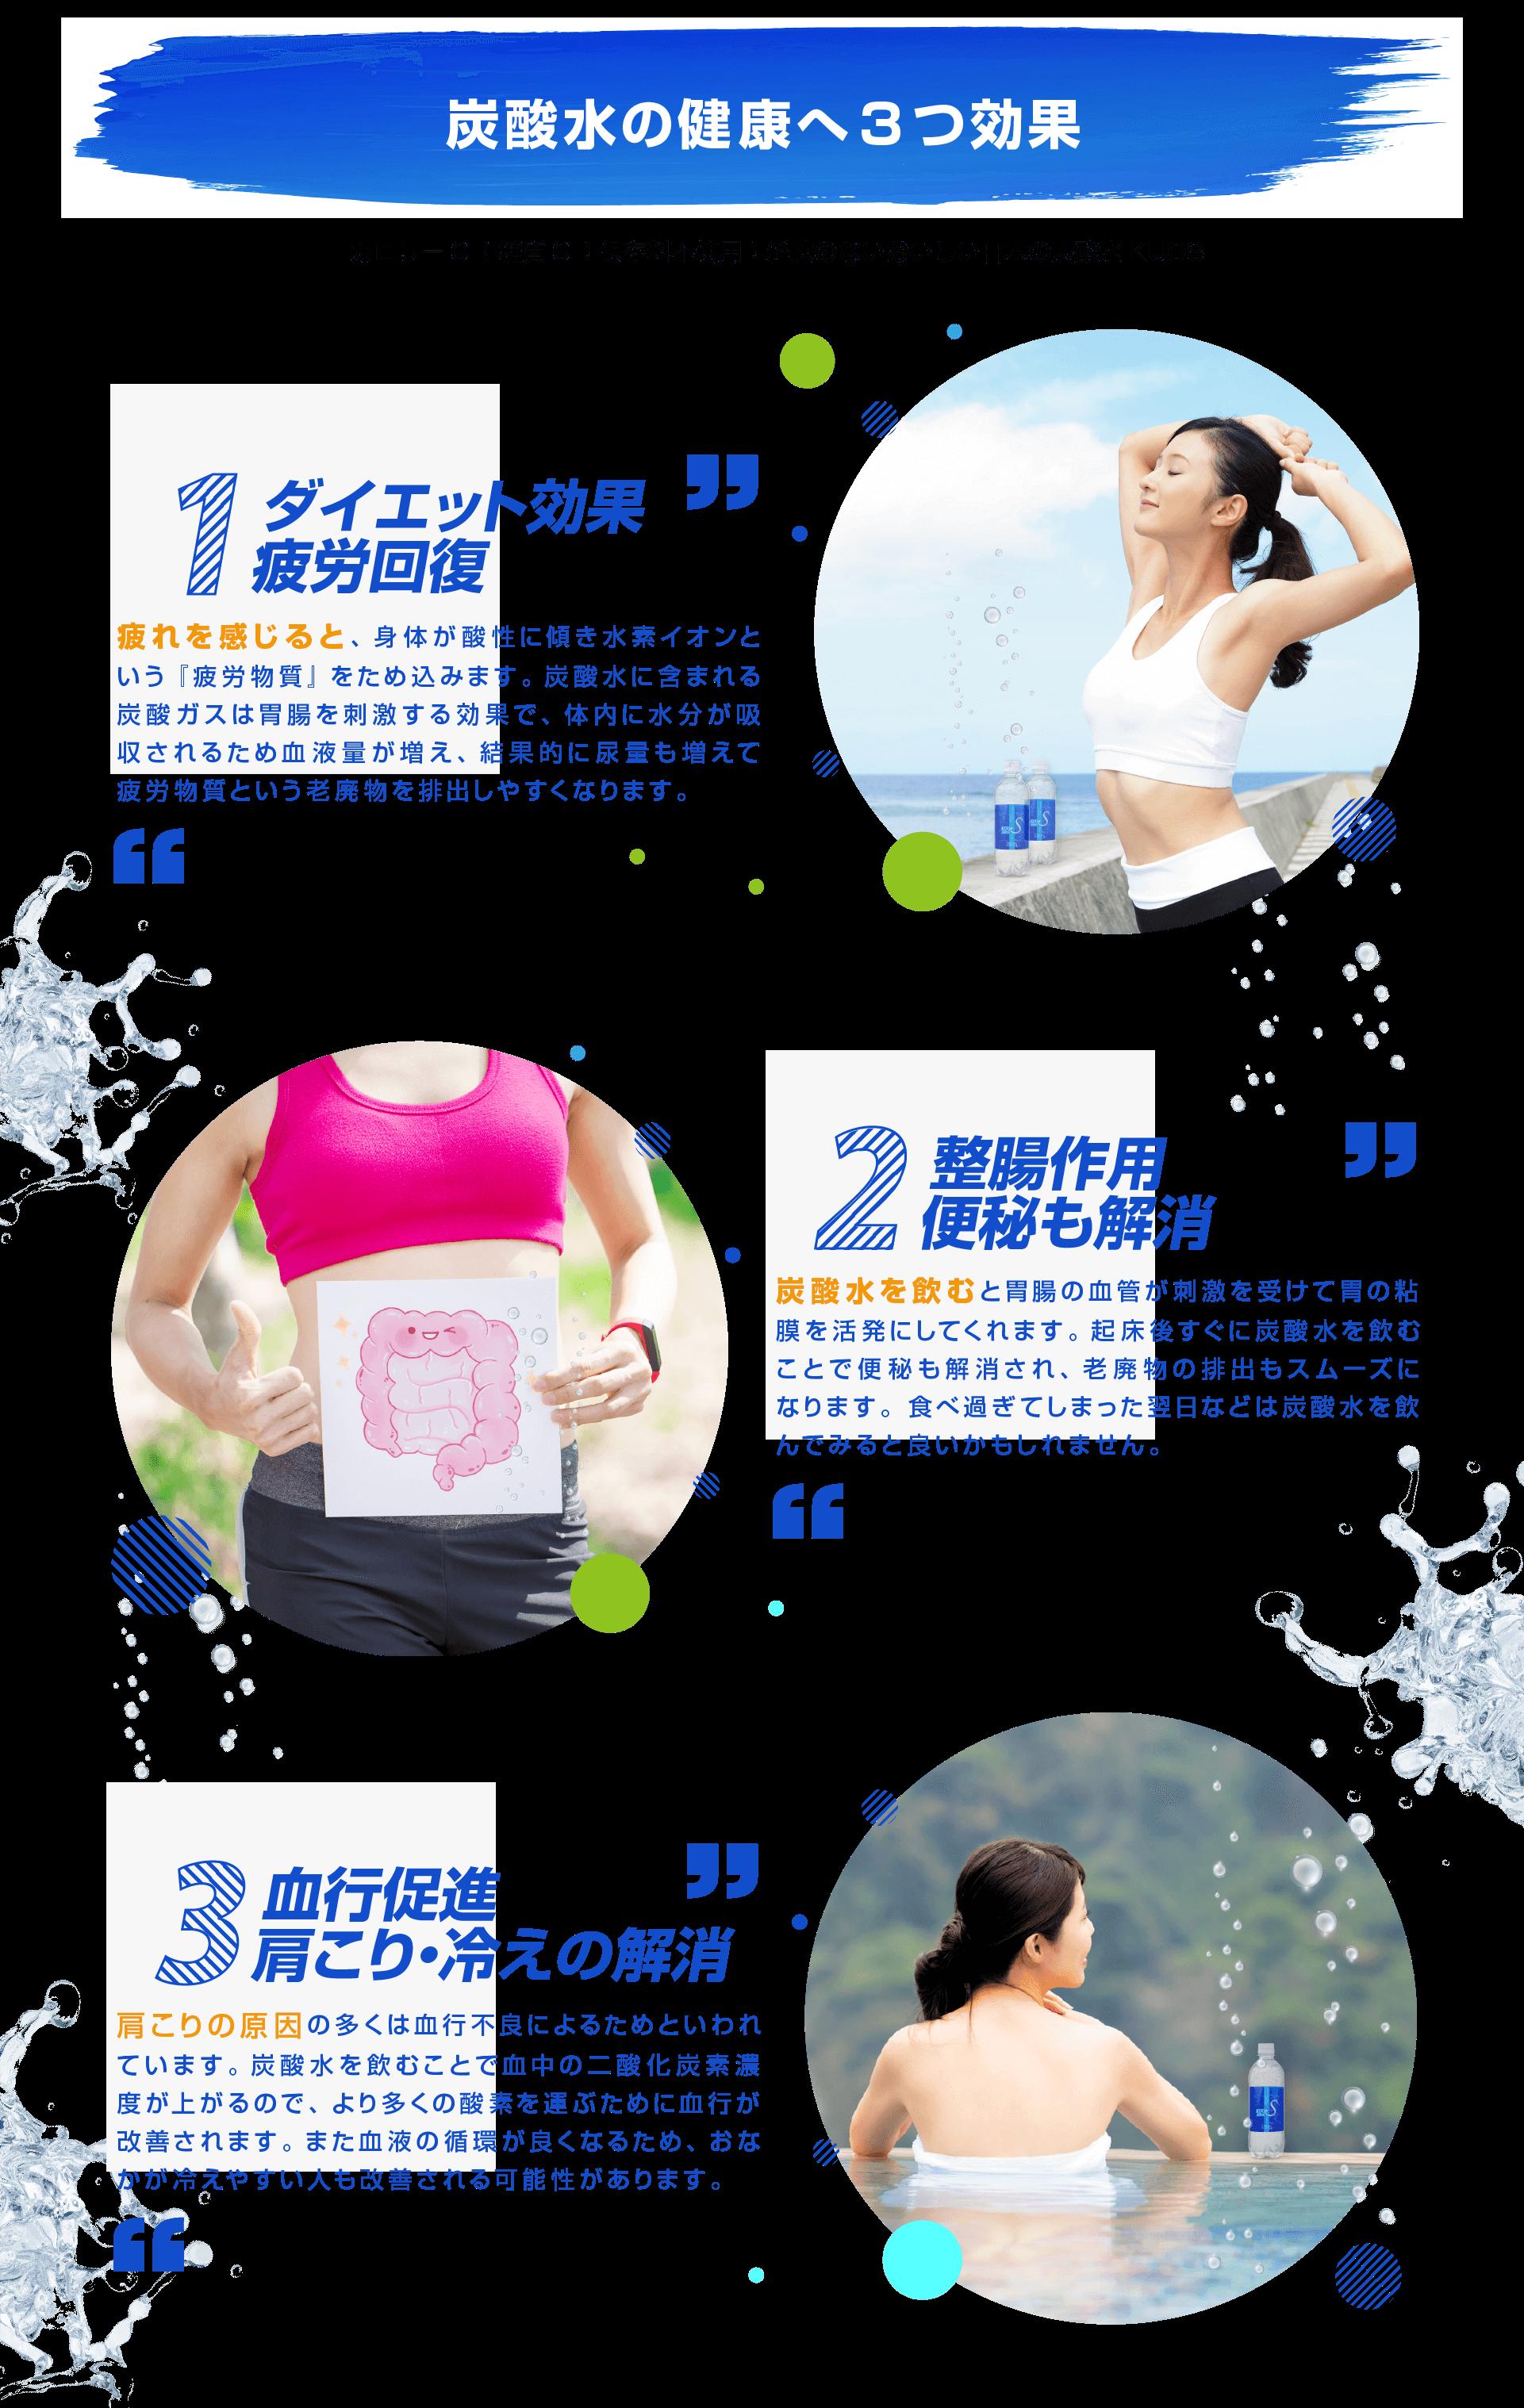 炭酸水の健康への3つの効果。1.ダイエット効果、疲労回復。炭酸ガスが胃腸を刺激し、吸収された水分により、老廃物を排出しやすくなります。2.整腸作用、便秘も解消。胃腸の欠陥が刺激を受けて胃の粘膜を活発にしてくれます。3.血行促進、肩こり、冷えの解消。炭酸水を飲むことで血中の二酸化炭素濃度が上がるので、より多くの酸素を運ぶために欠航が改善されます。